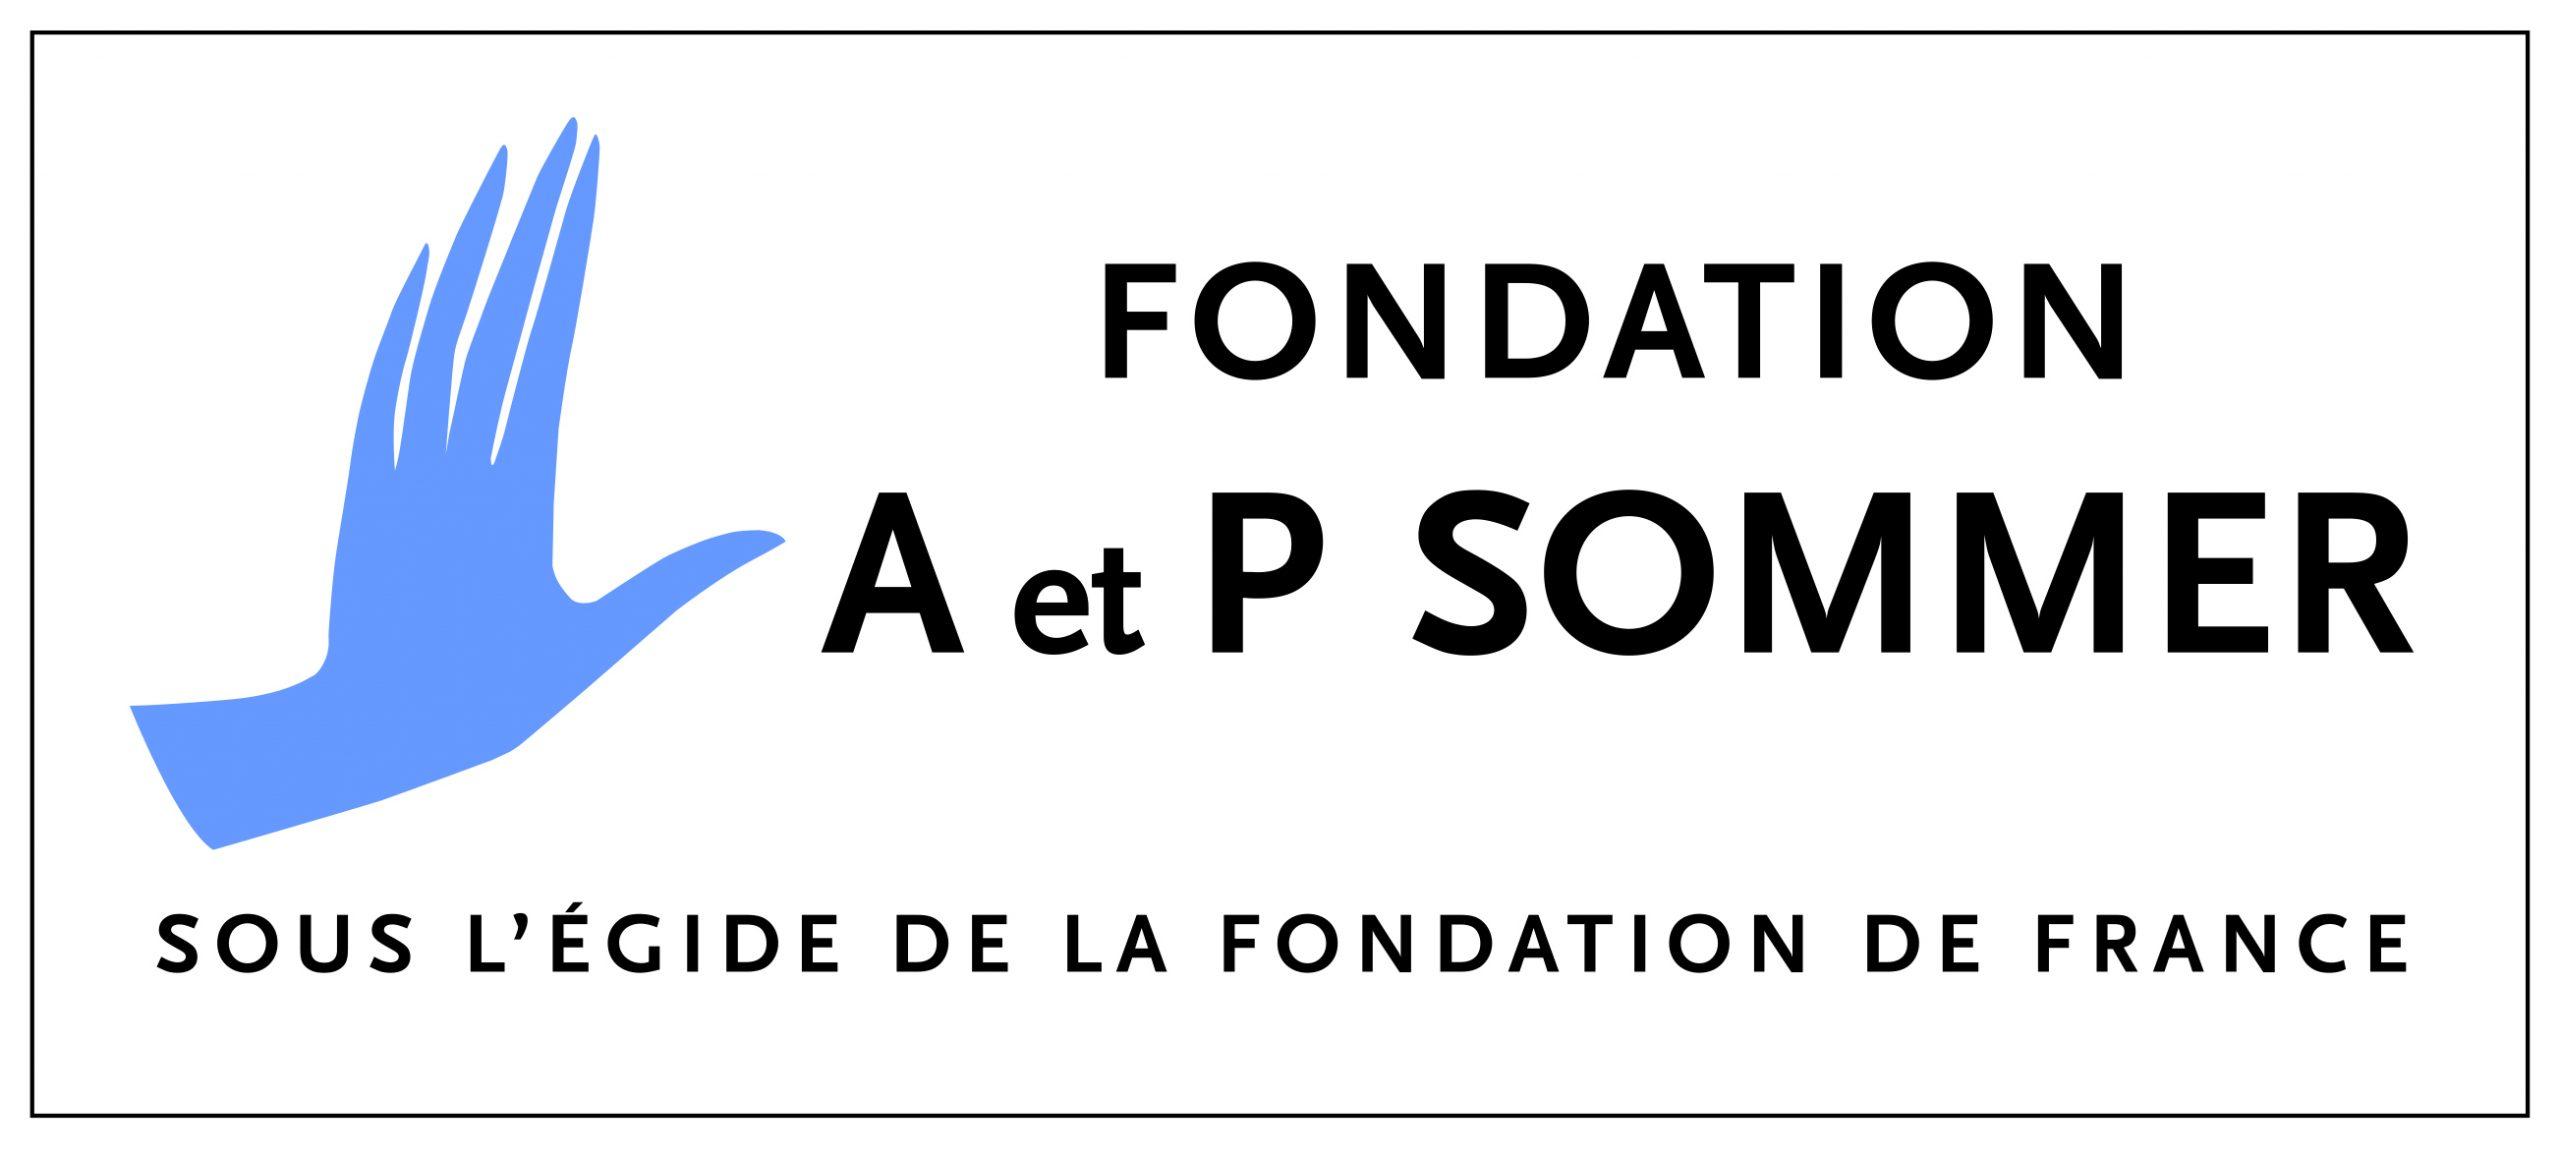 Fondation A et P SOMMER